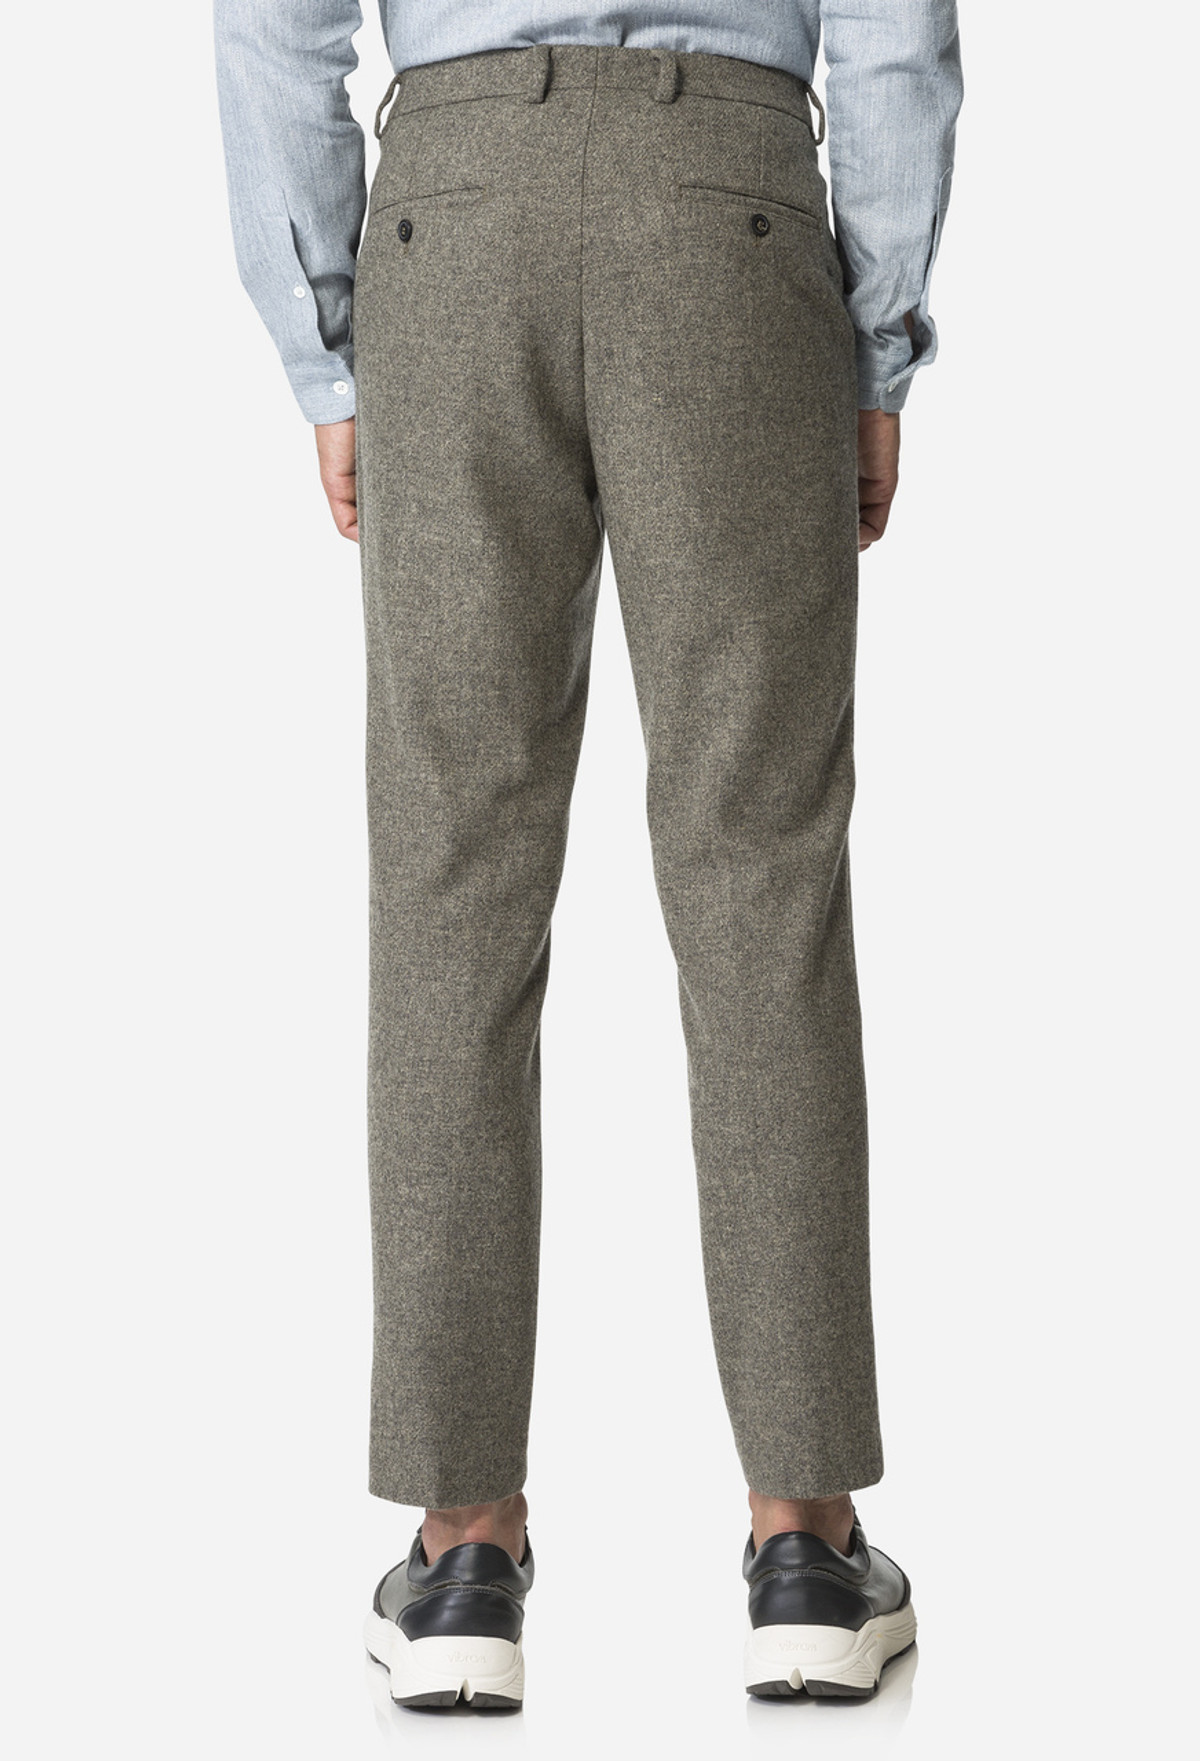 Khaki Carrott Shaped Trouser